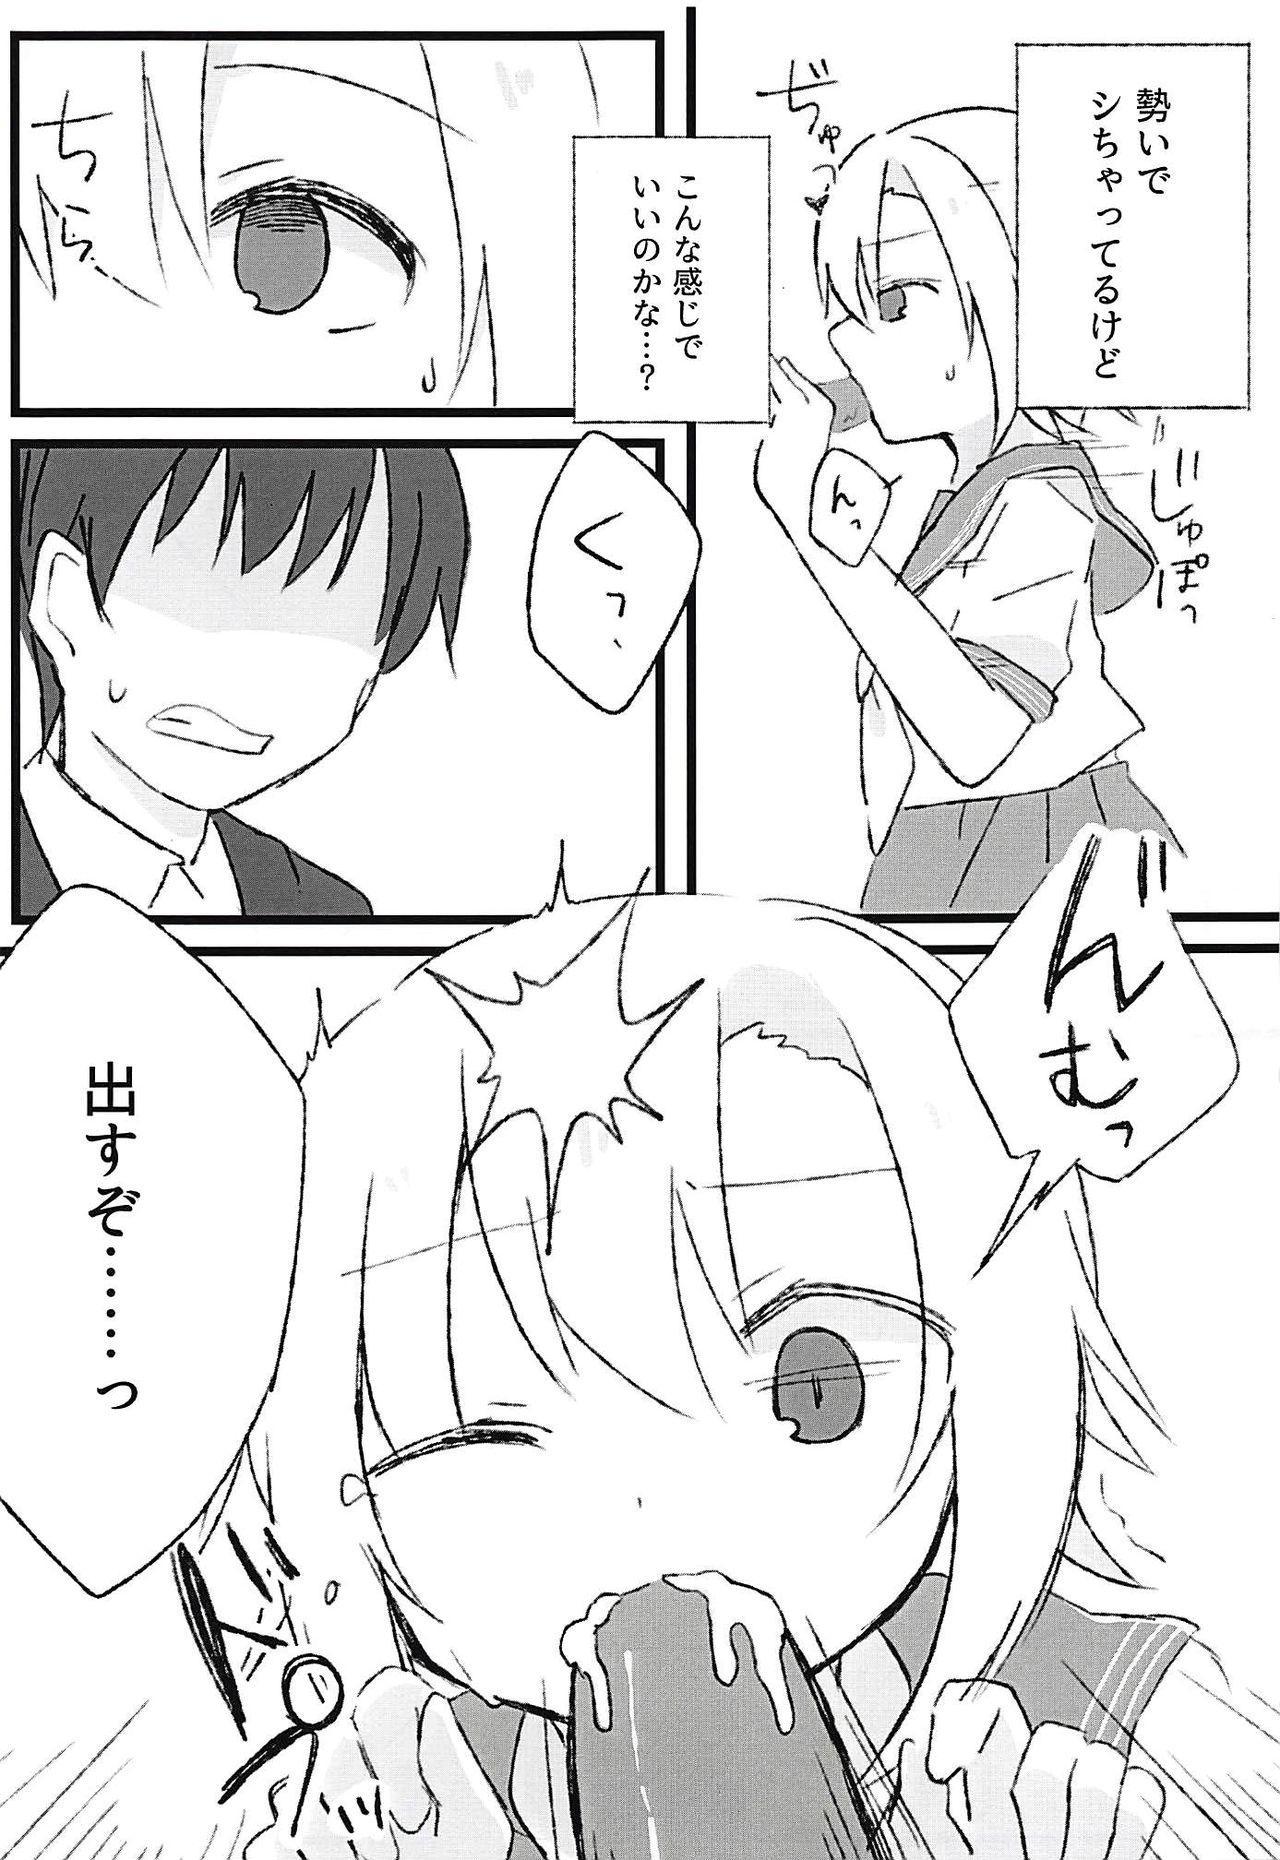 Seifuku Riina to Ecchi na Koto ga Shitai 3